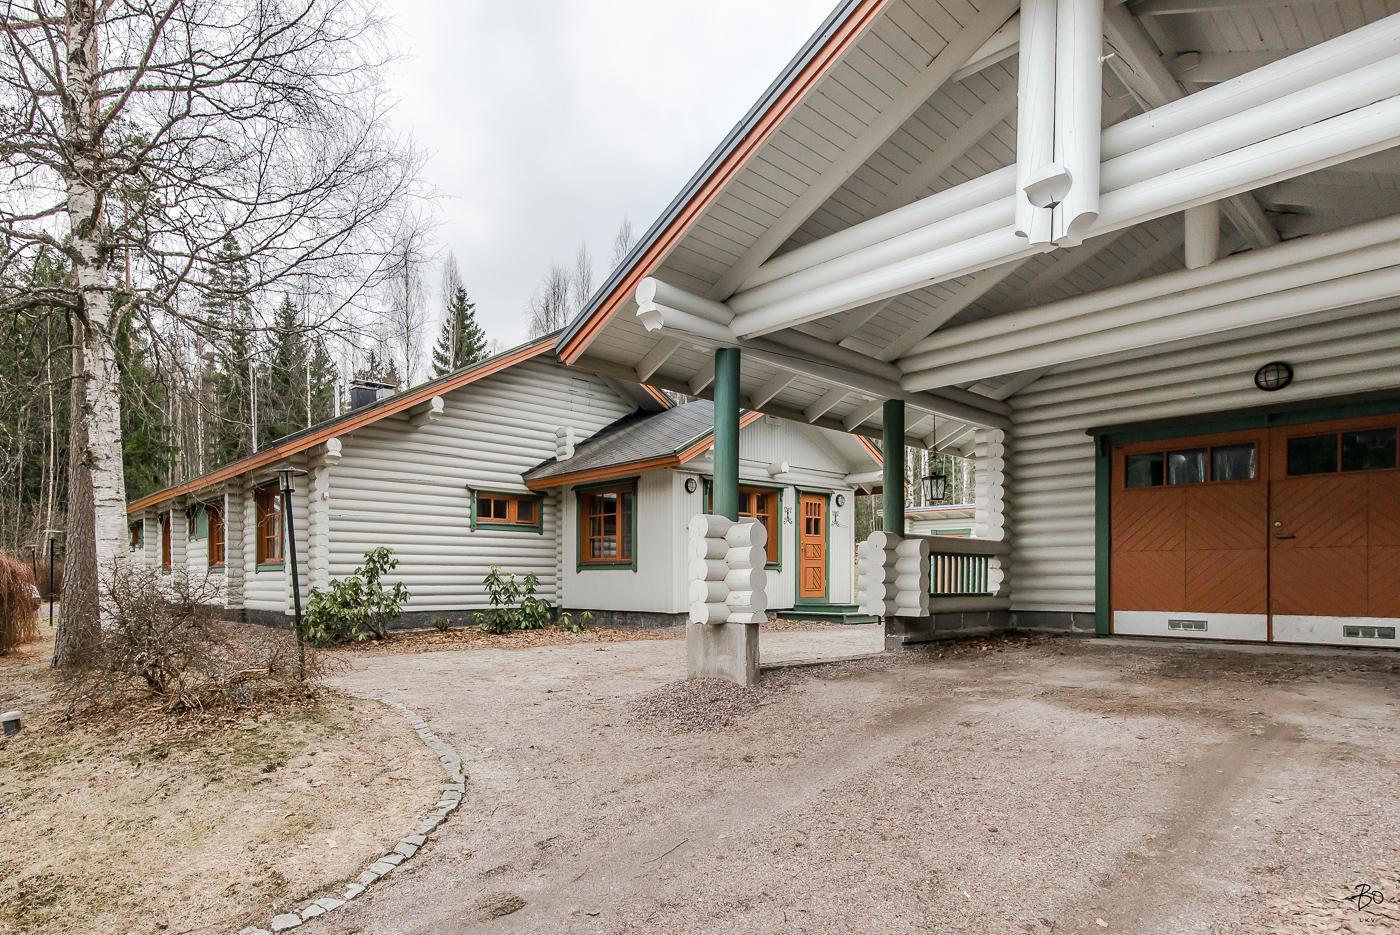 Maison en rondins de bois peints en blanc